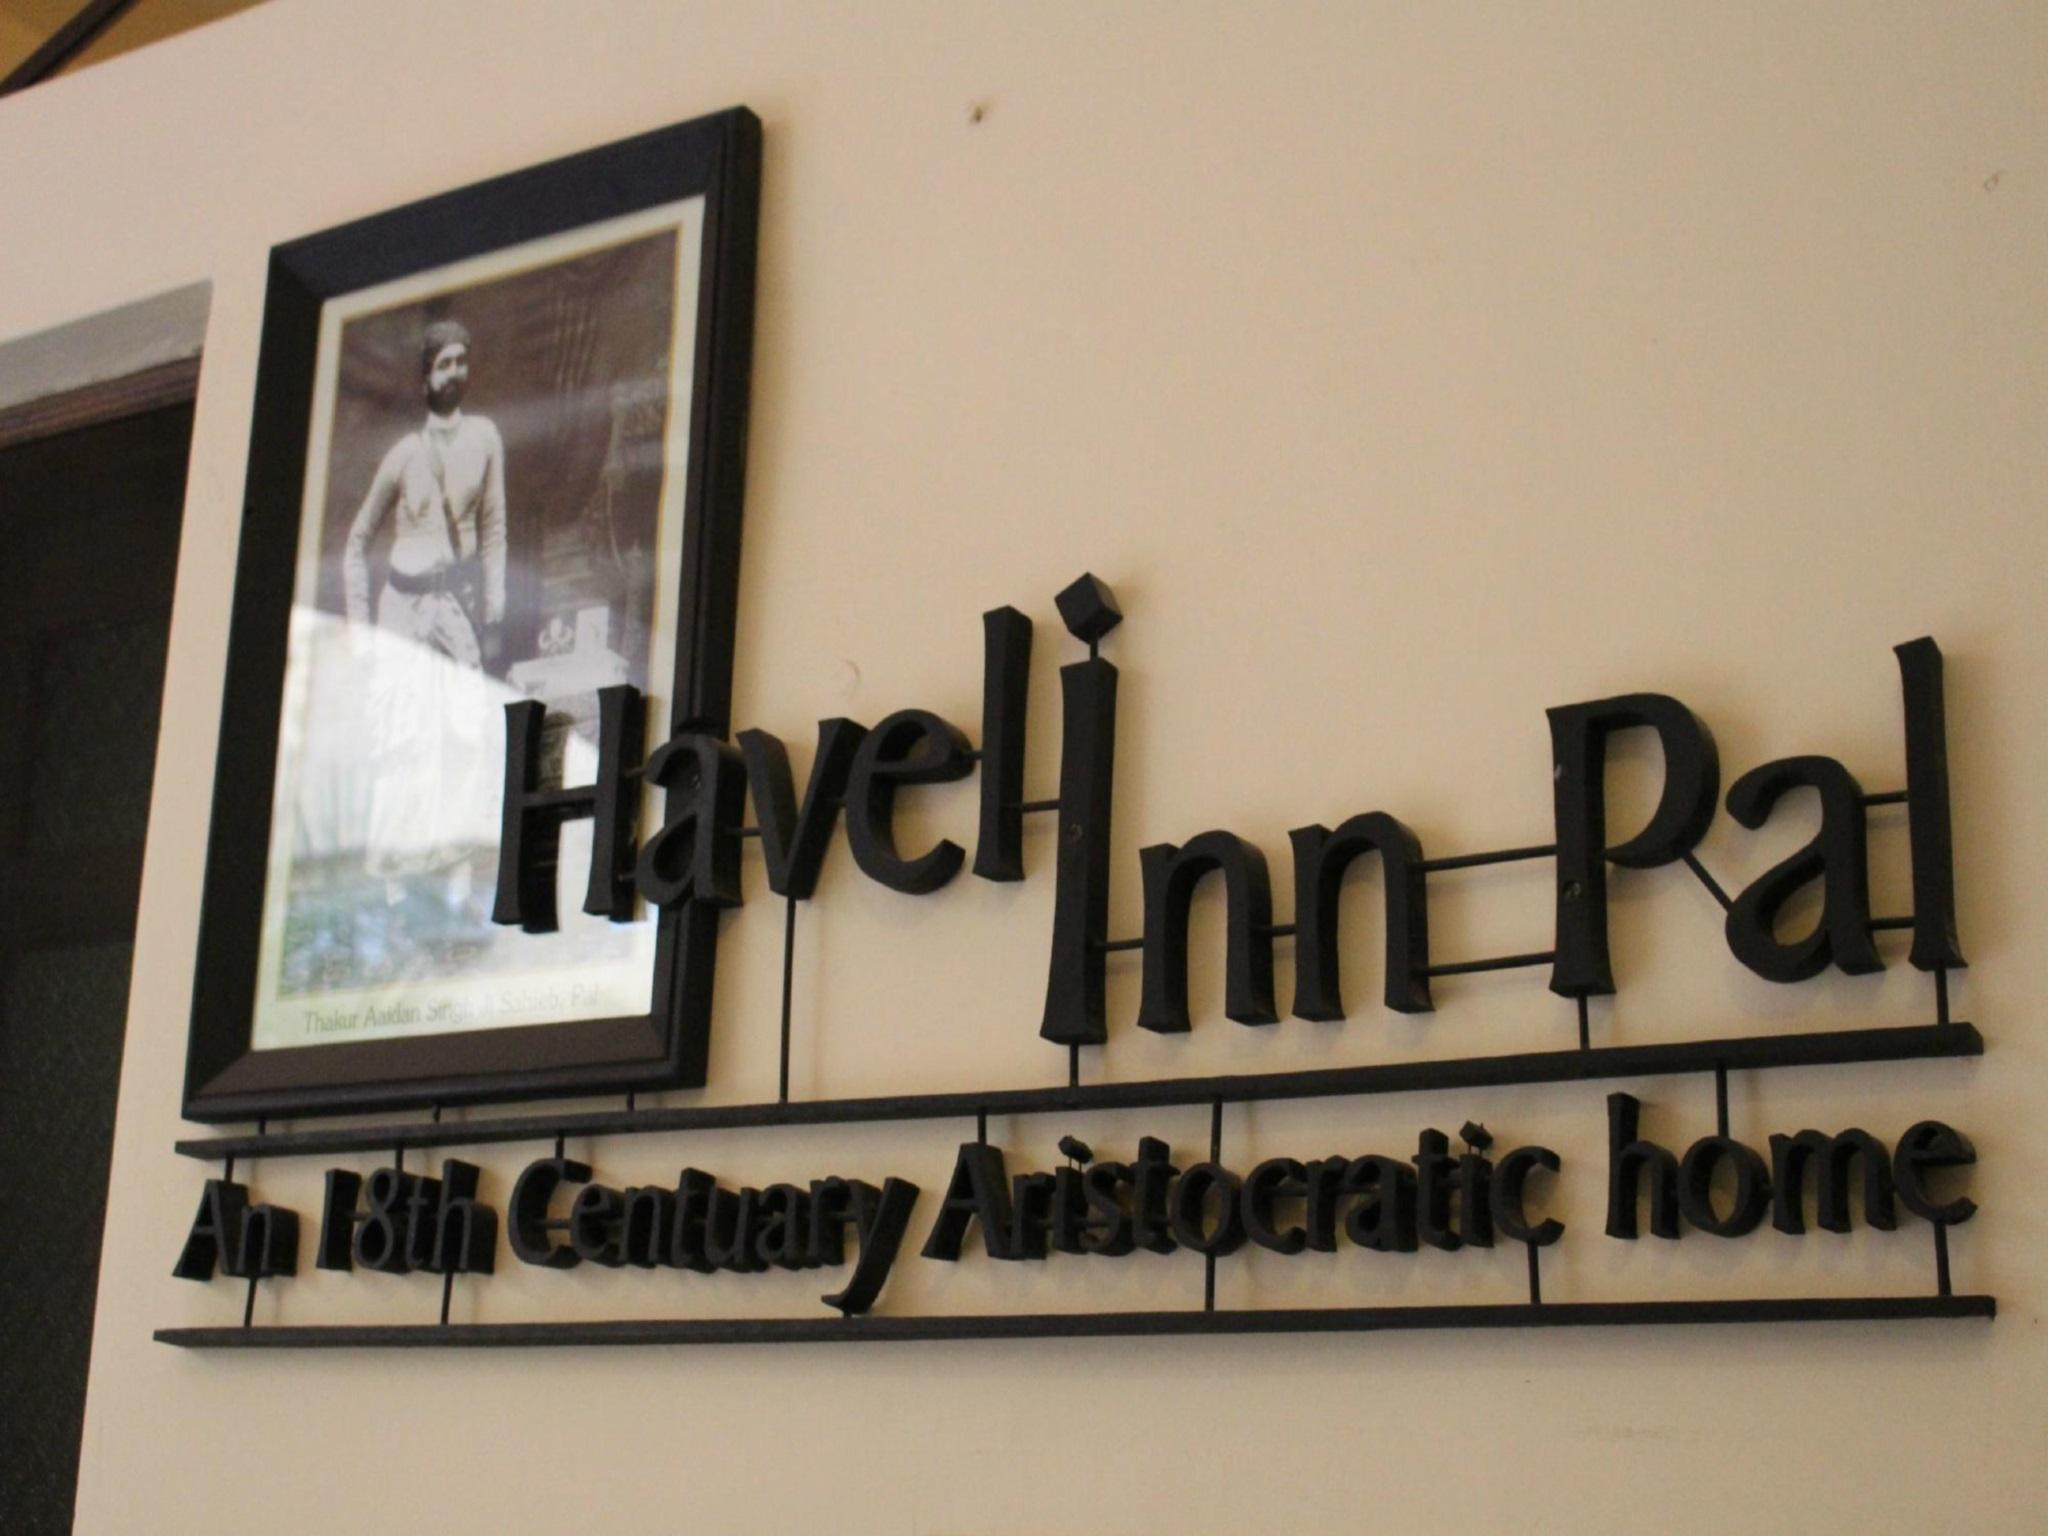 Haveli Inn Pal